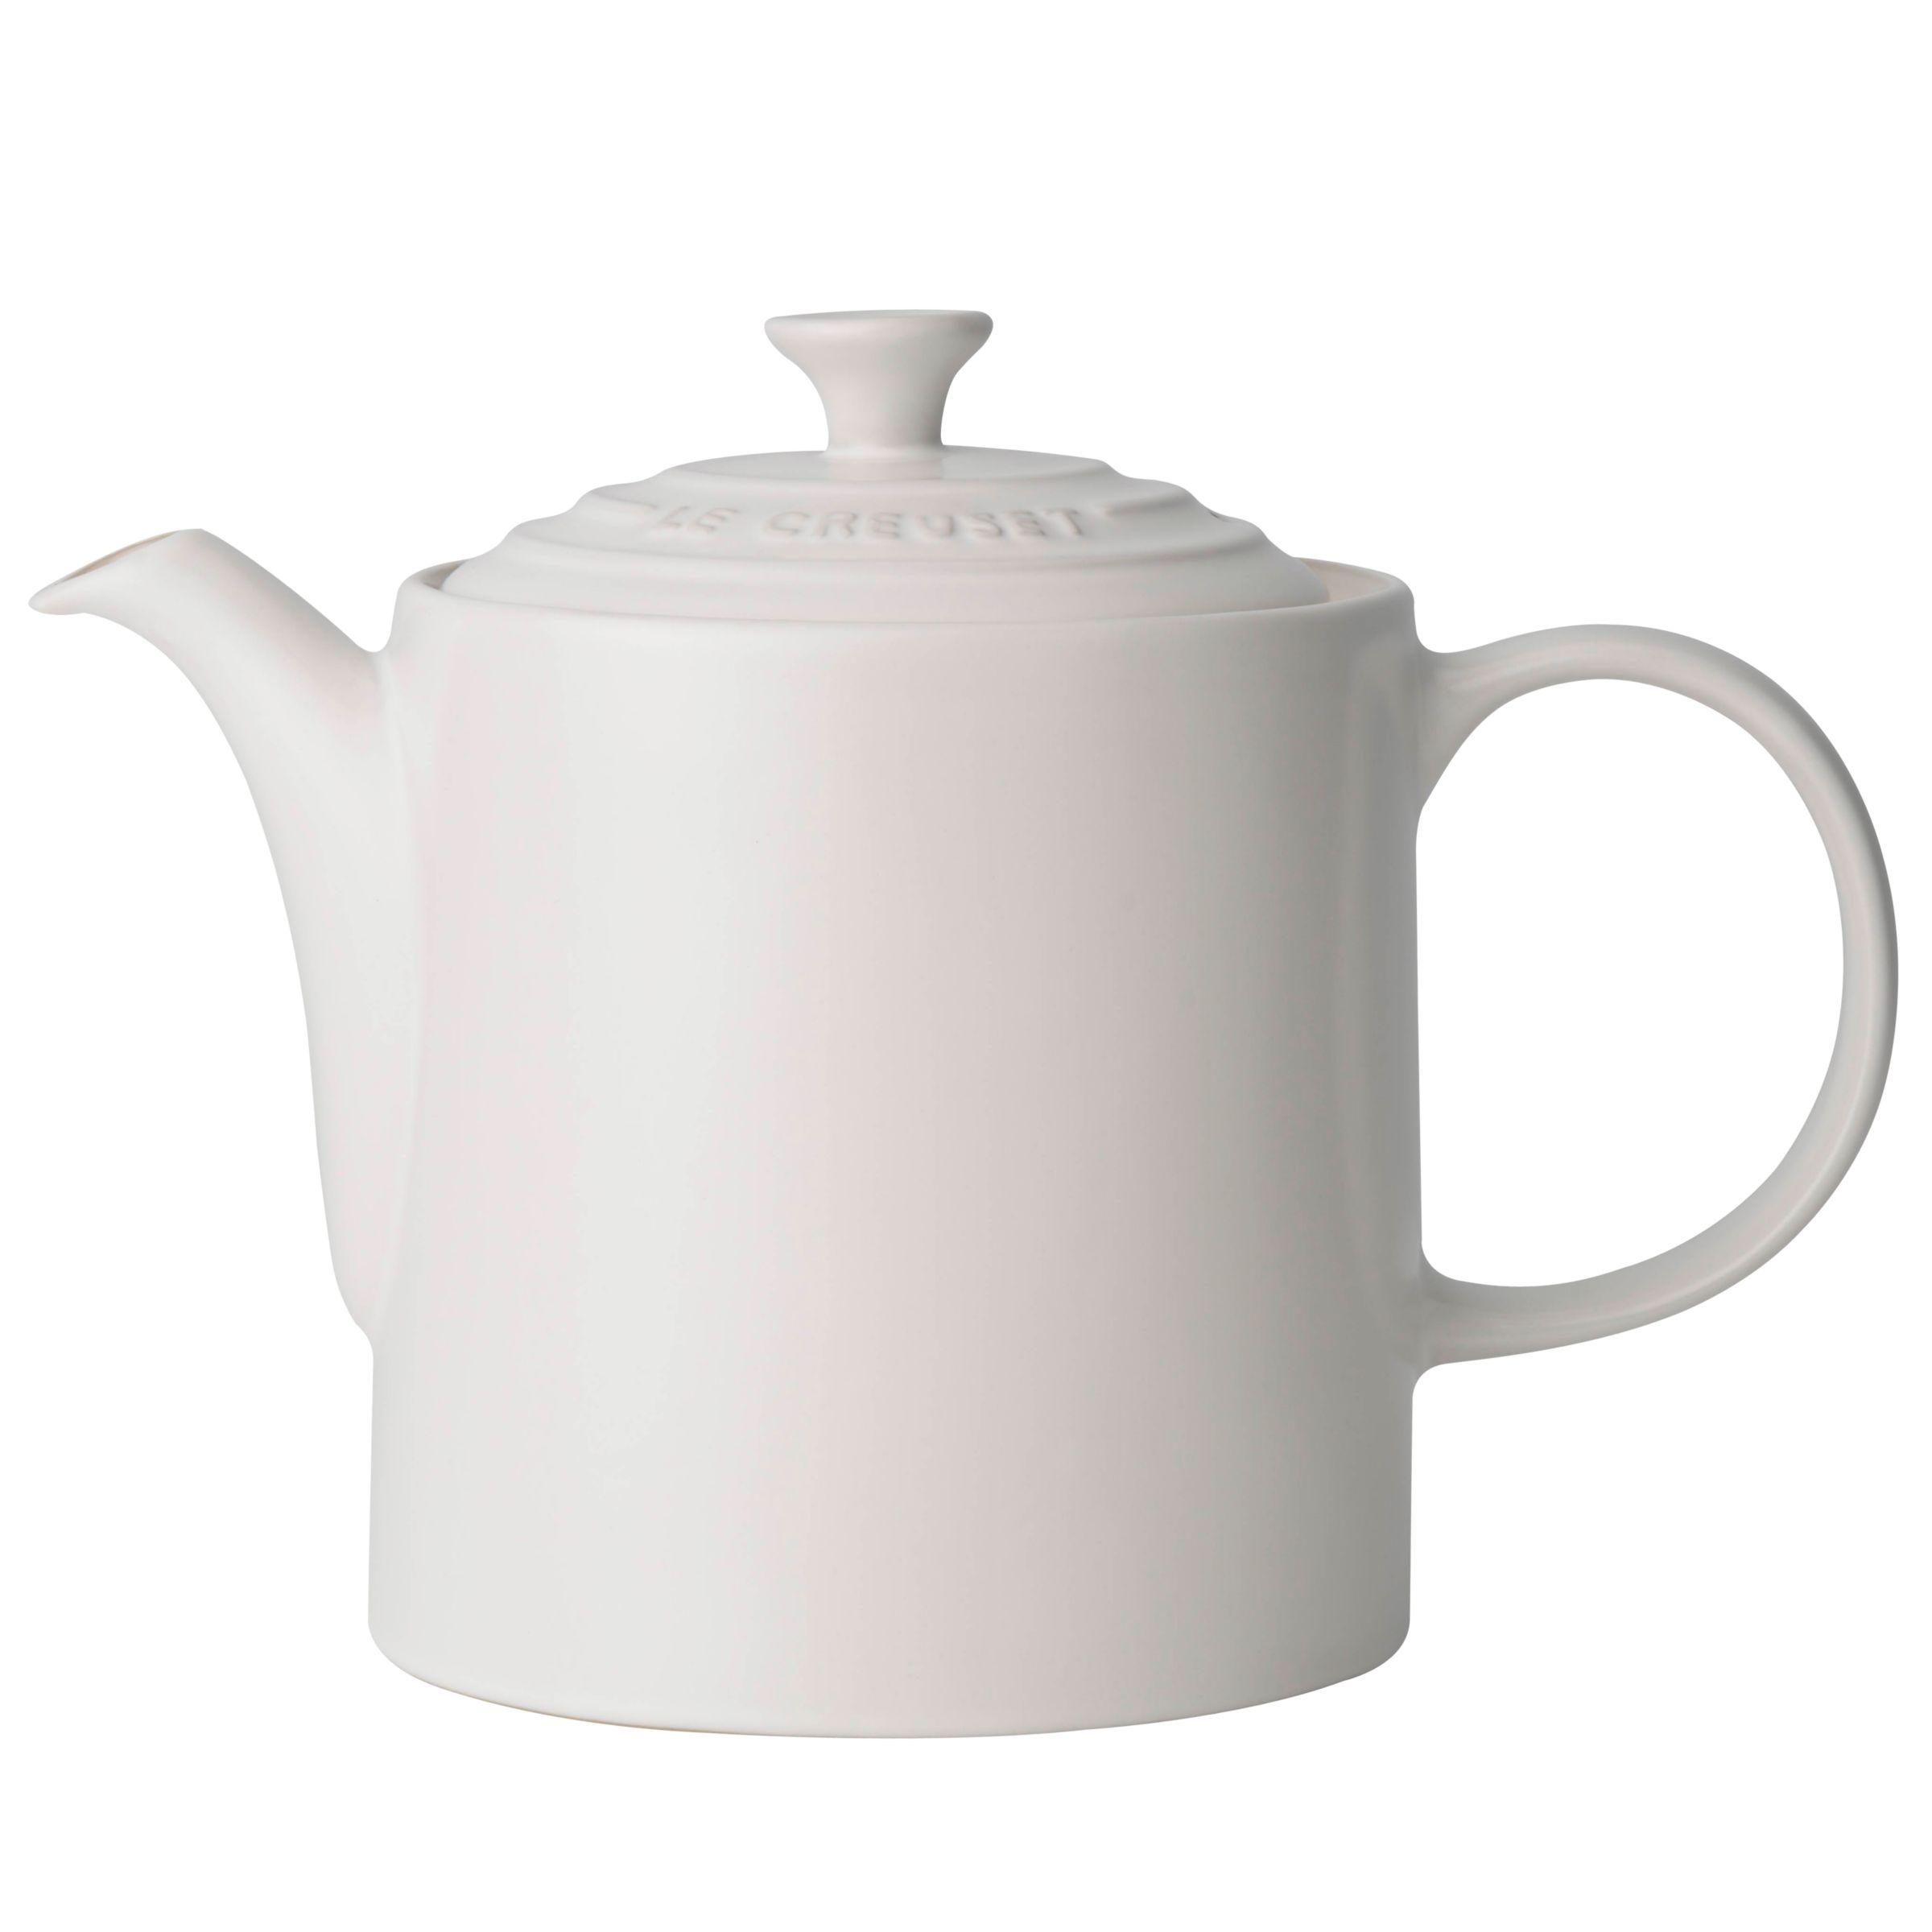 Le Creuset Le Creuset Stoneware Grand Teapot 1.3L